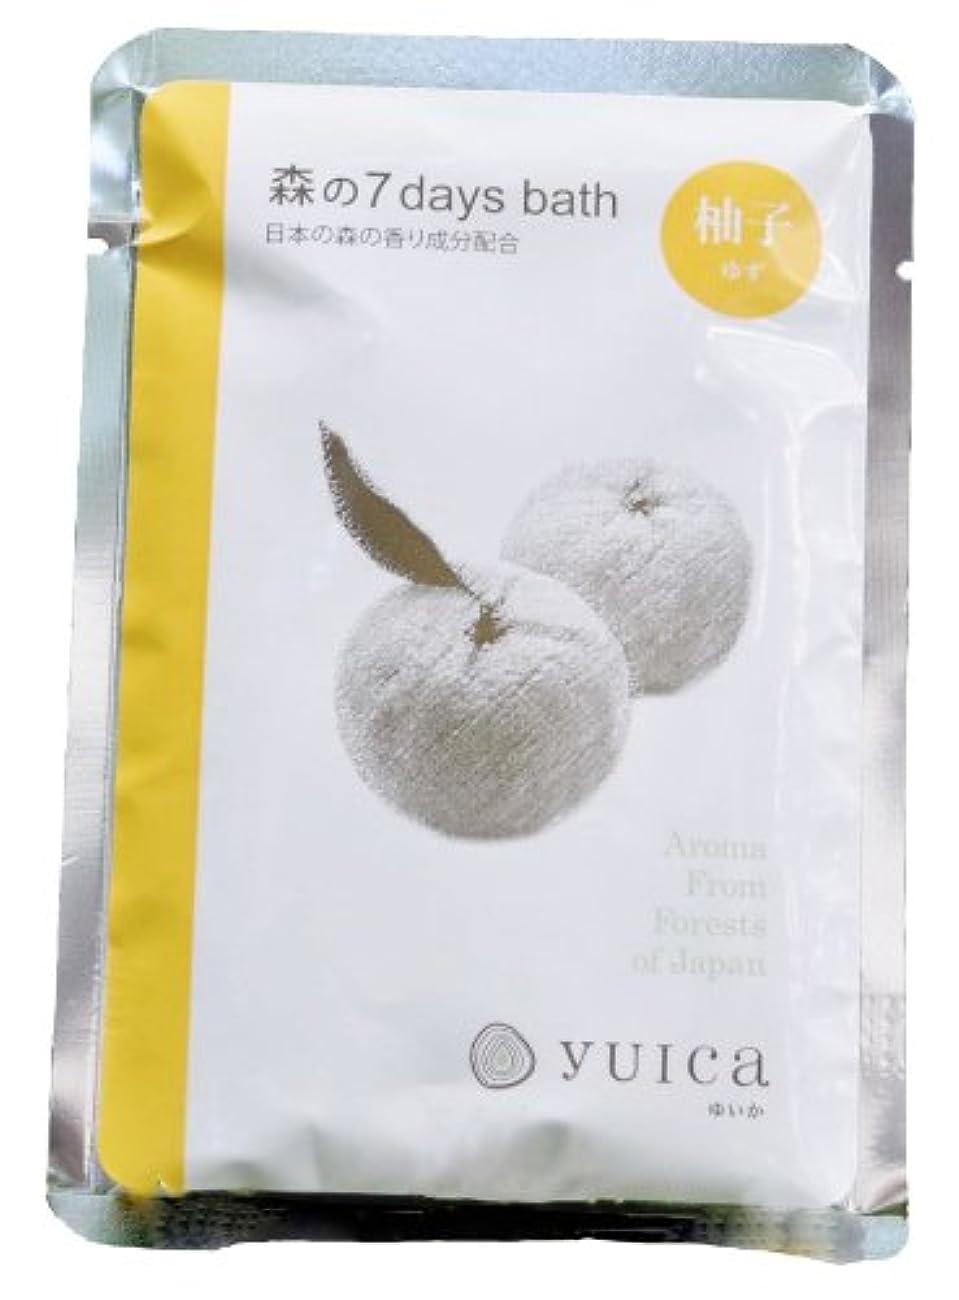 接続専門新年yuica 森の7 days bath(入浴パウダー) ユズの香り 60g